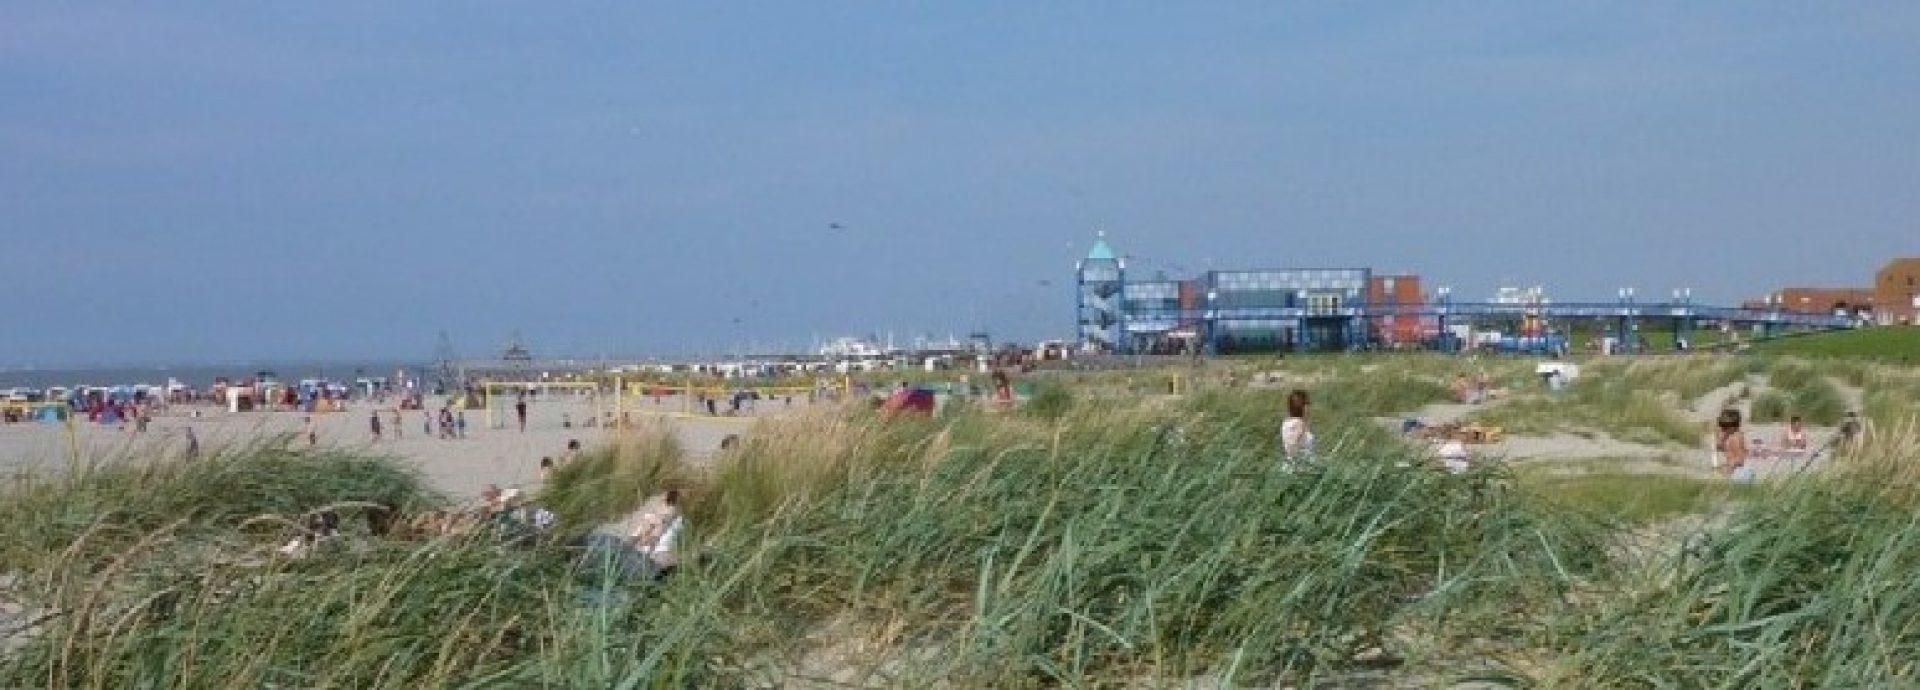 Duenen-und-Strand